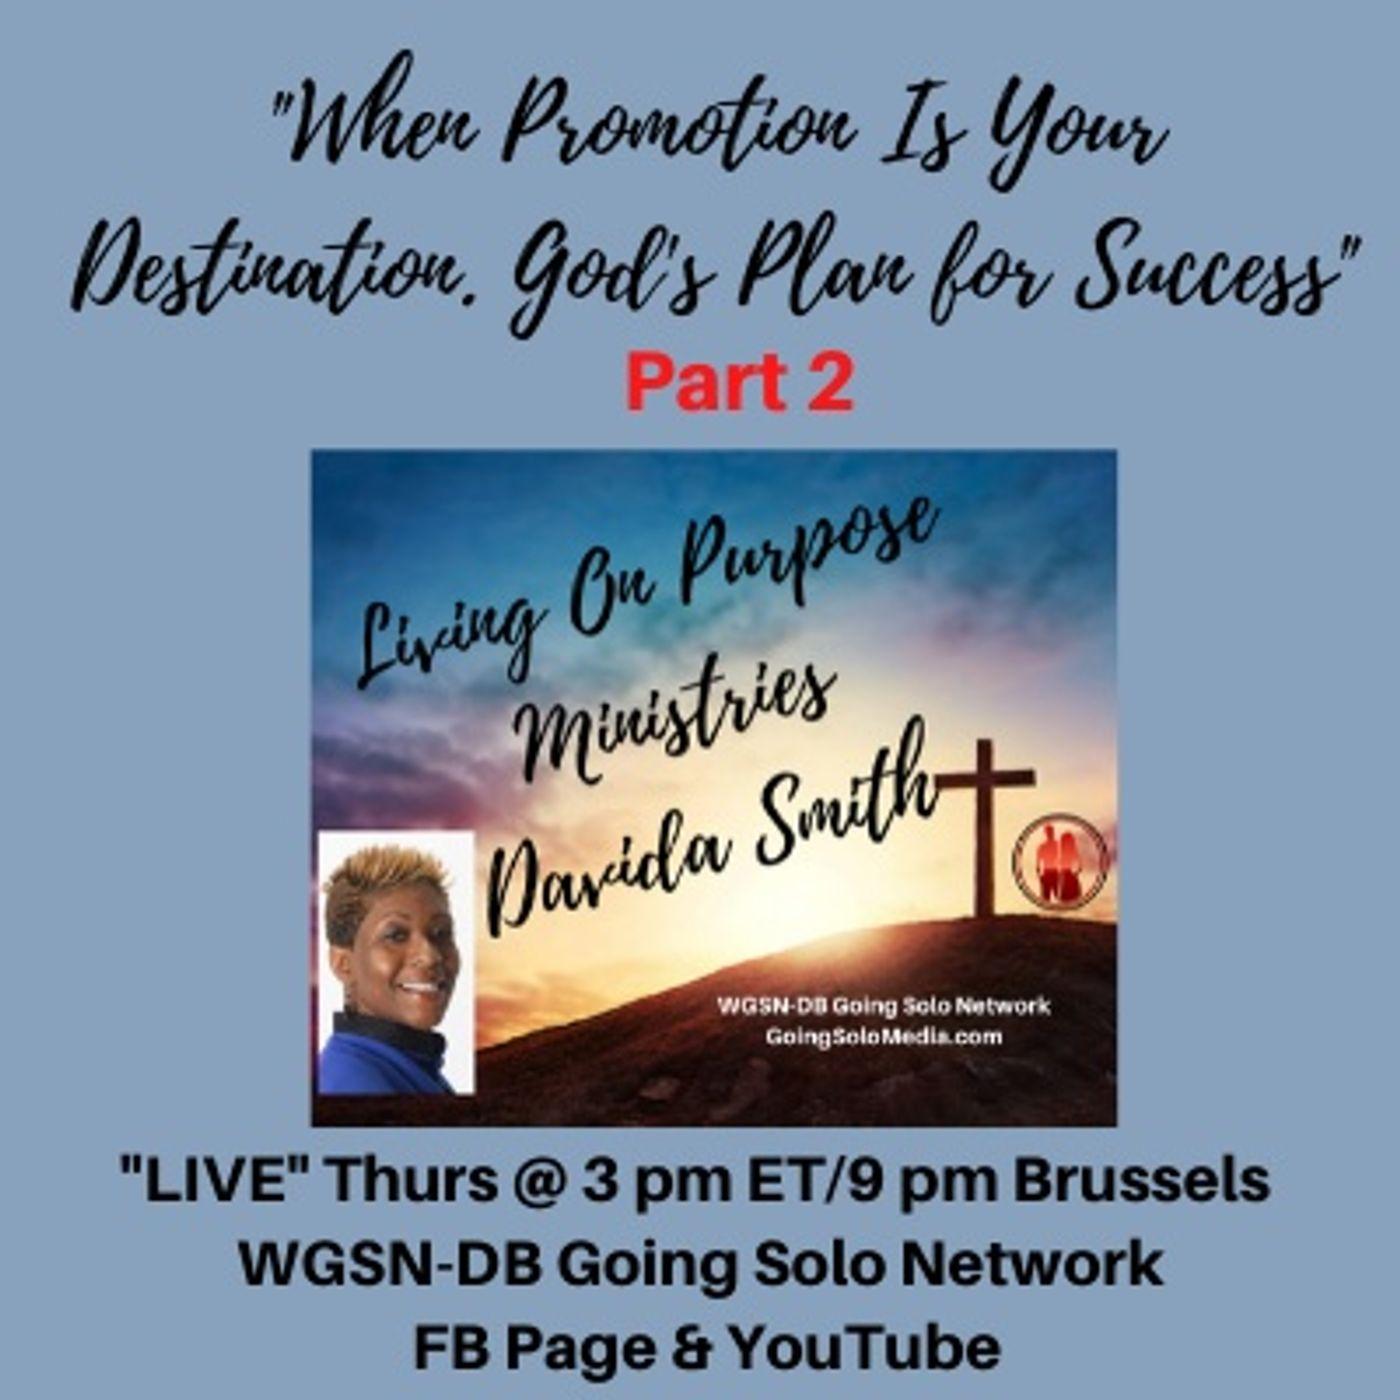 Part 2 - When Promotion Is Your Destination. God's Plan for Success